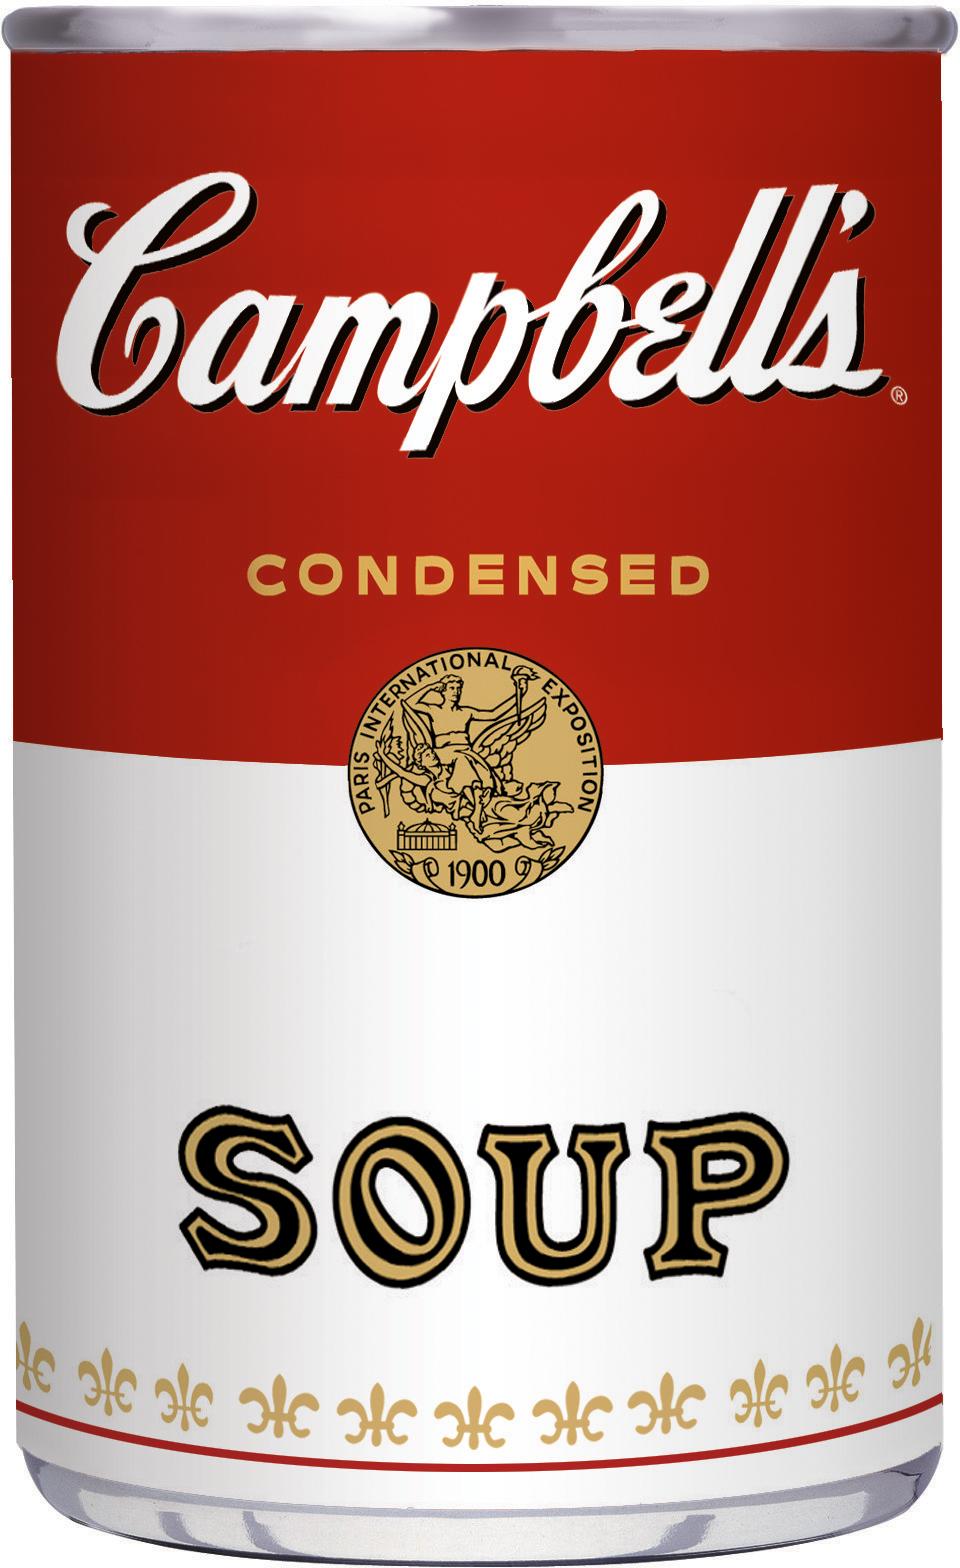 Campbells logo clip art.